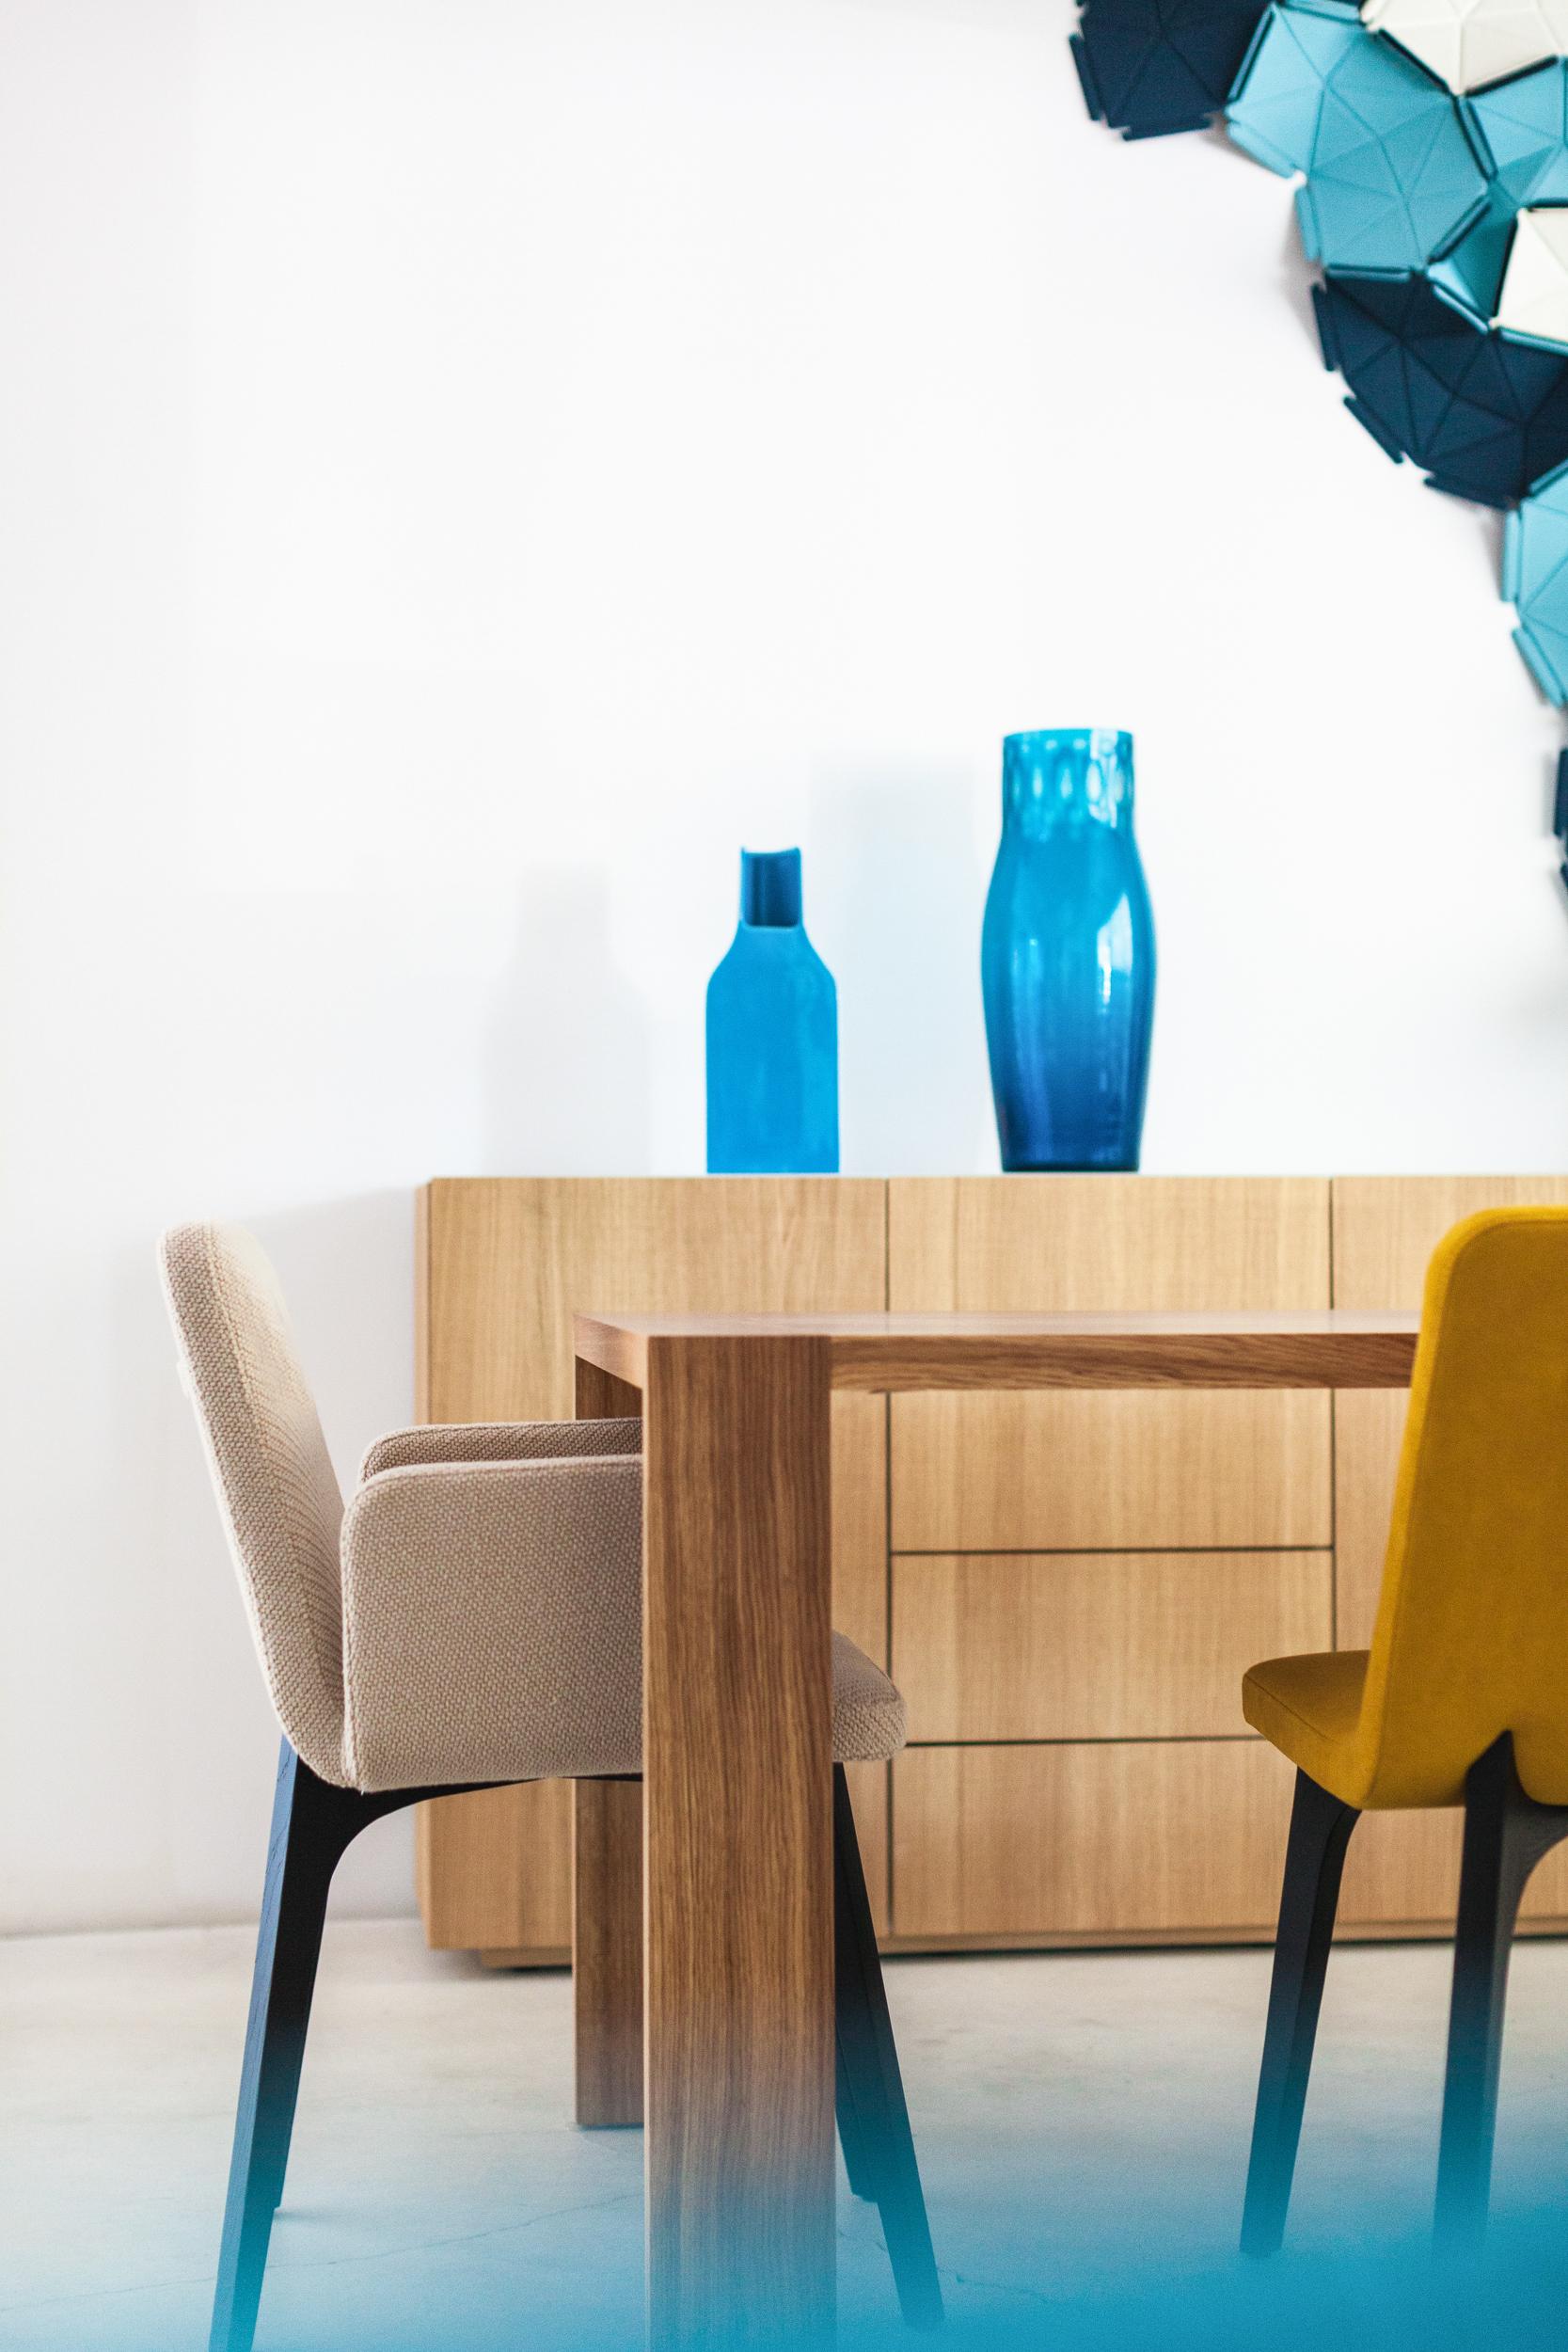 designreflektor-editorial-commercial-photopgraphy-vancouver-0221.jpg